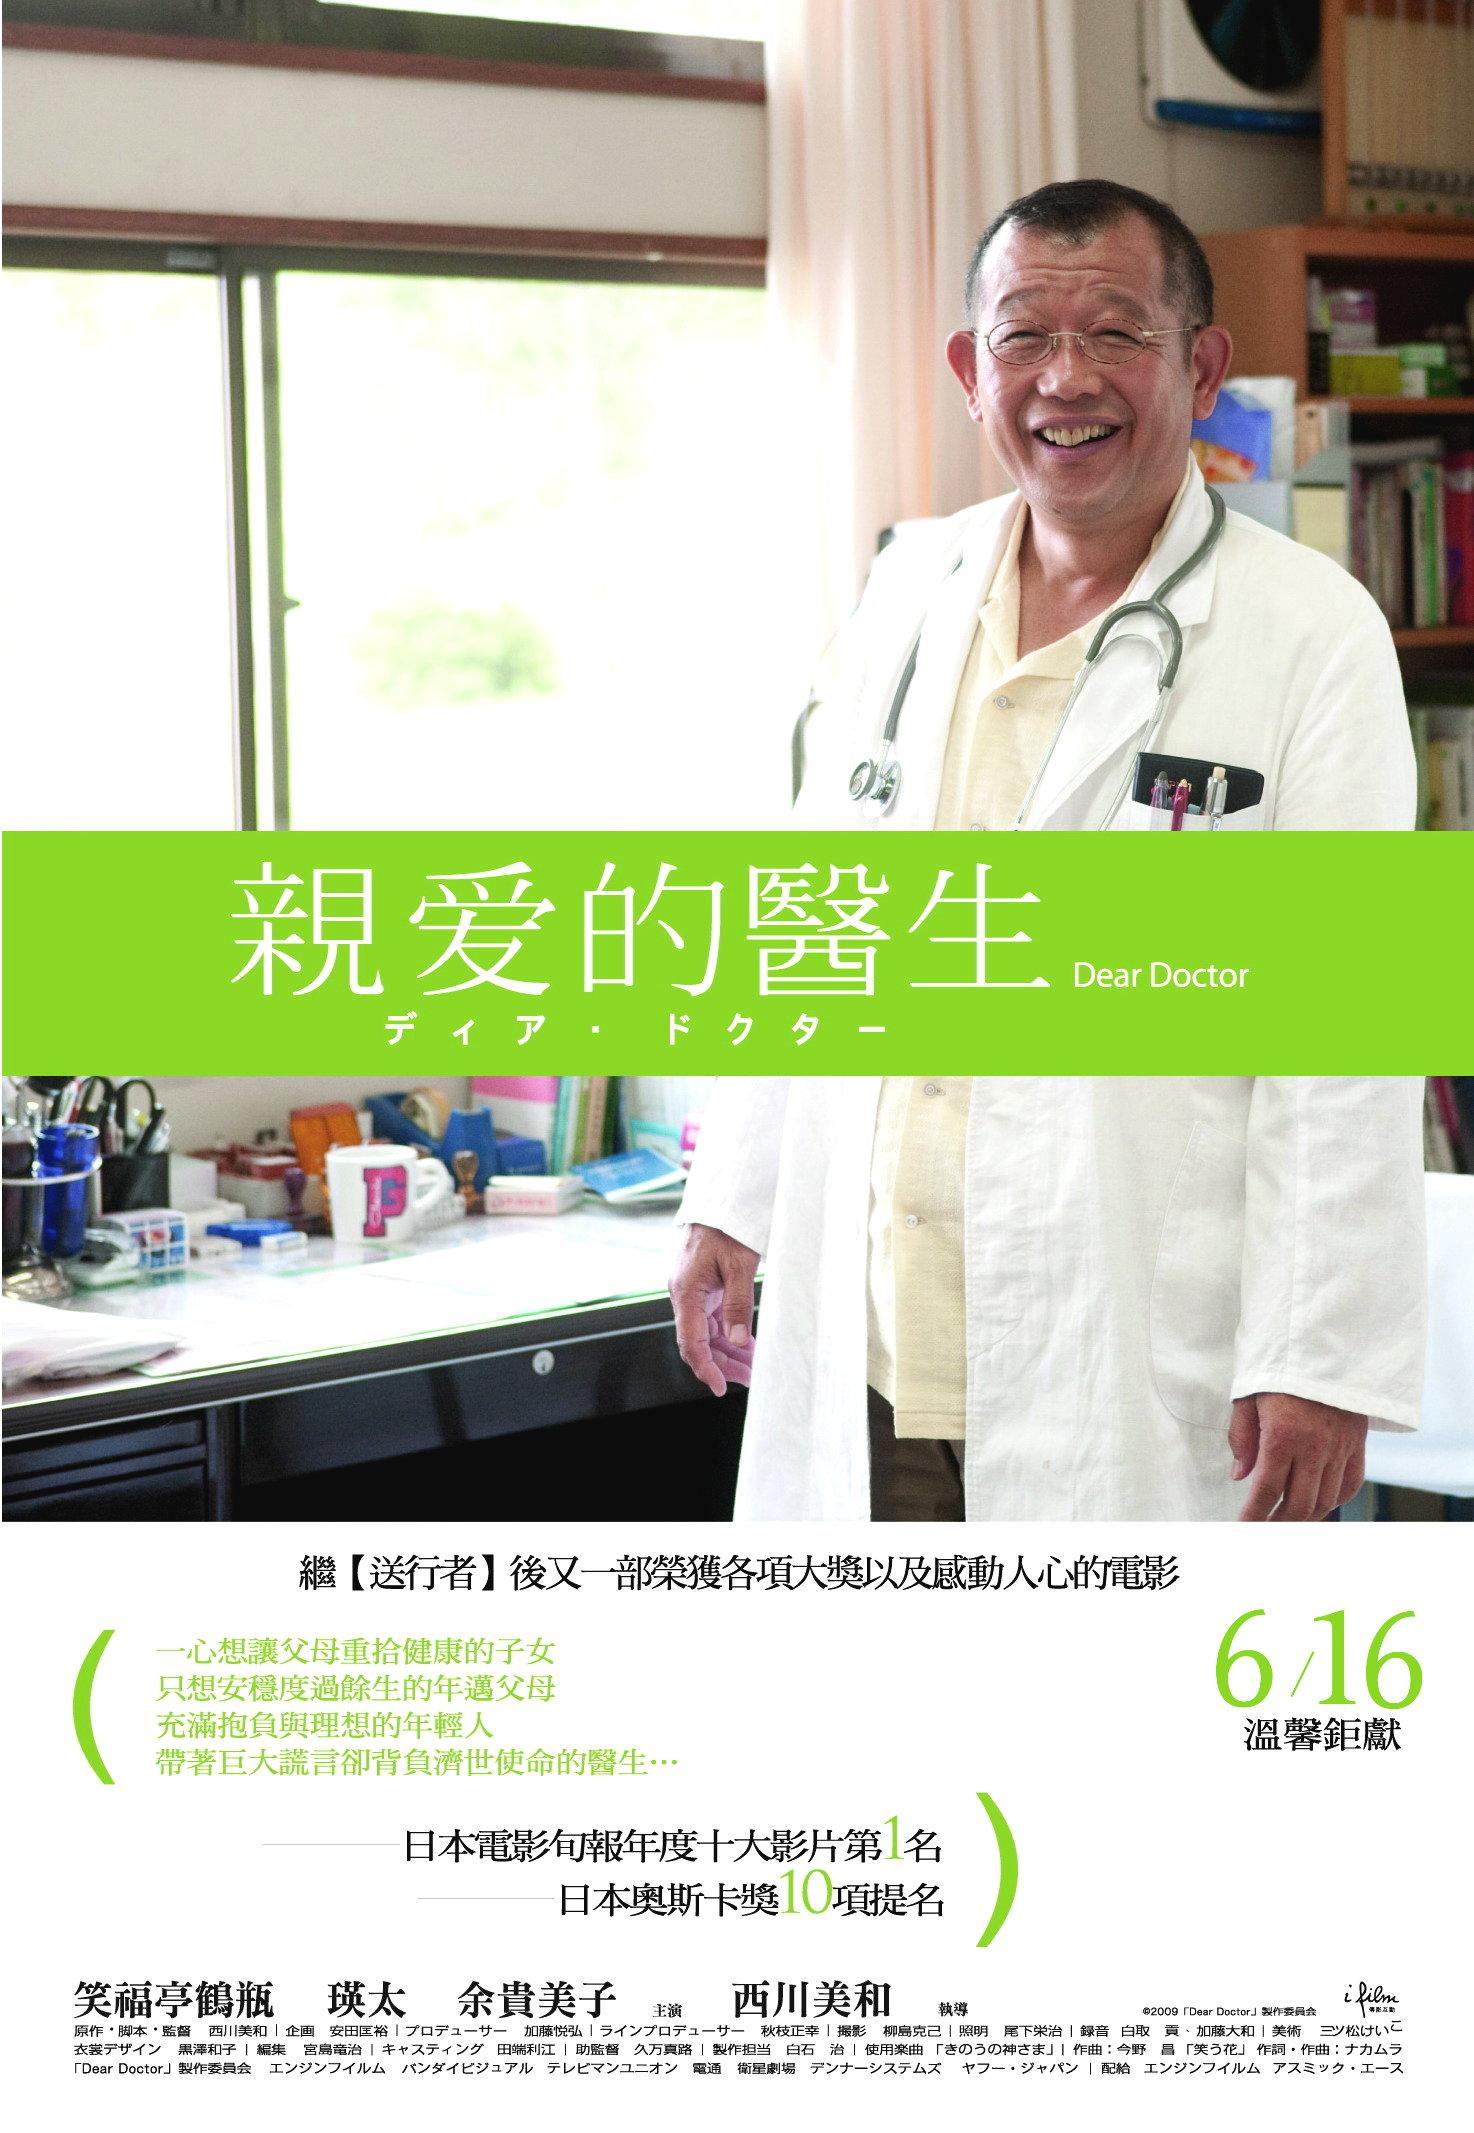 親愛的醫生中文海報.jpg